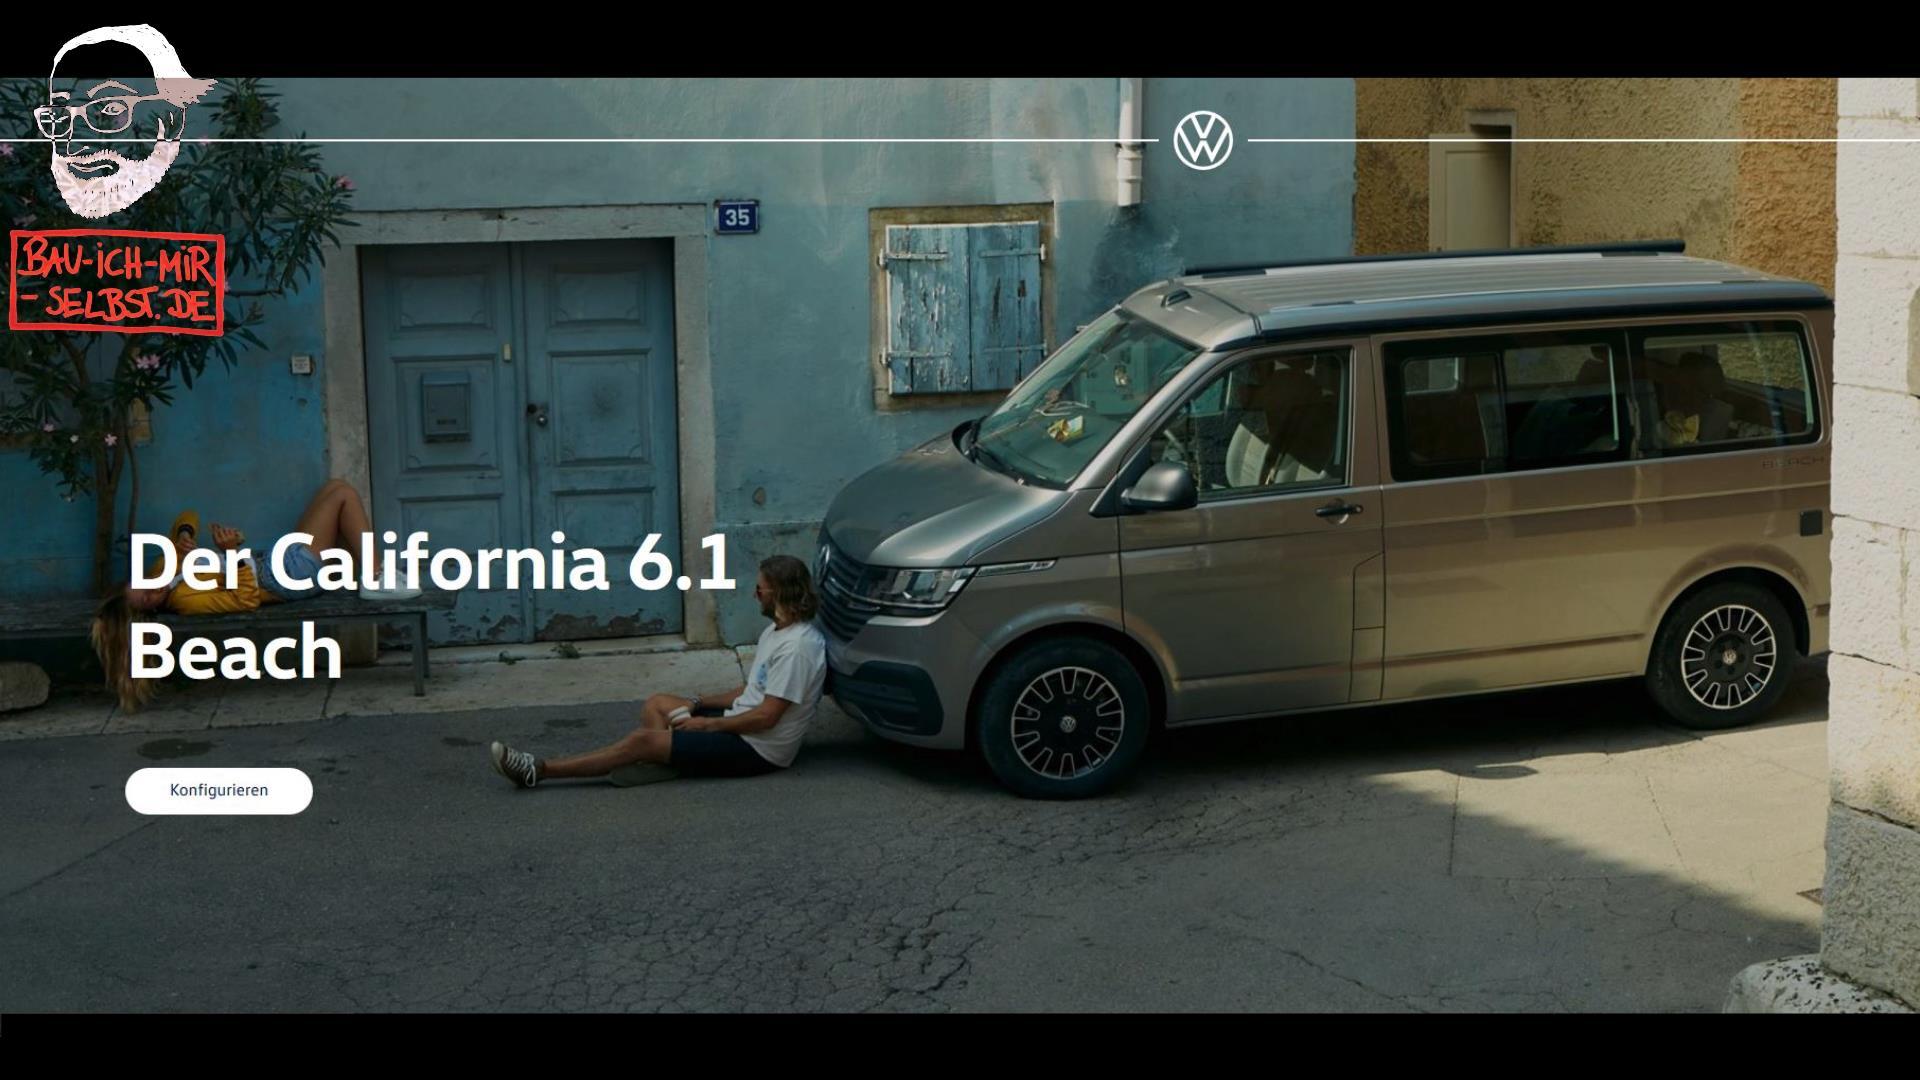 VW T6.1 Konfigurator vom neuen VW Bus - California Beach, der Campervan - Videoreihe aus vier Videos